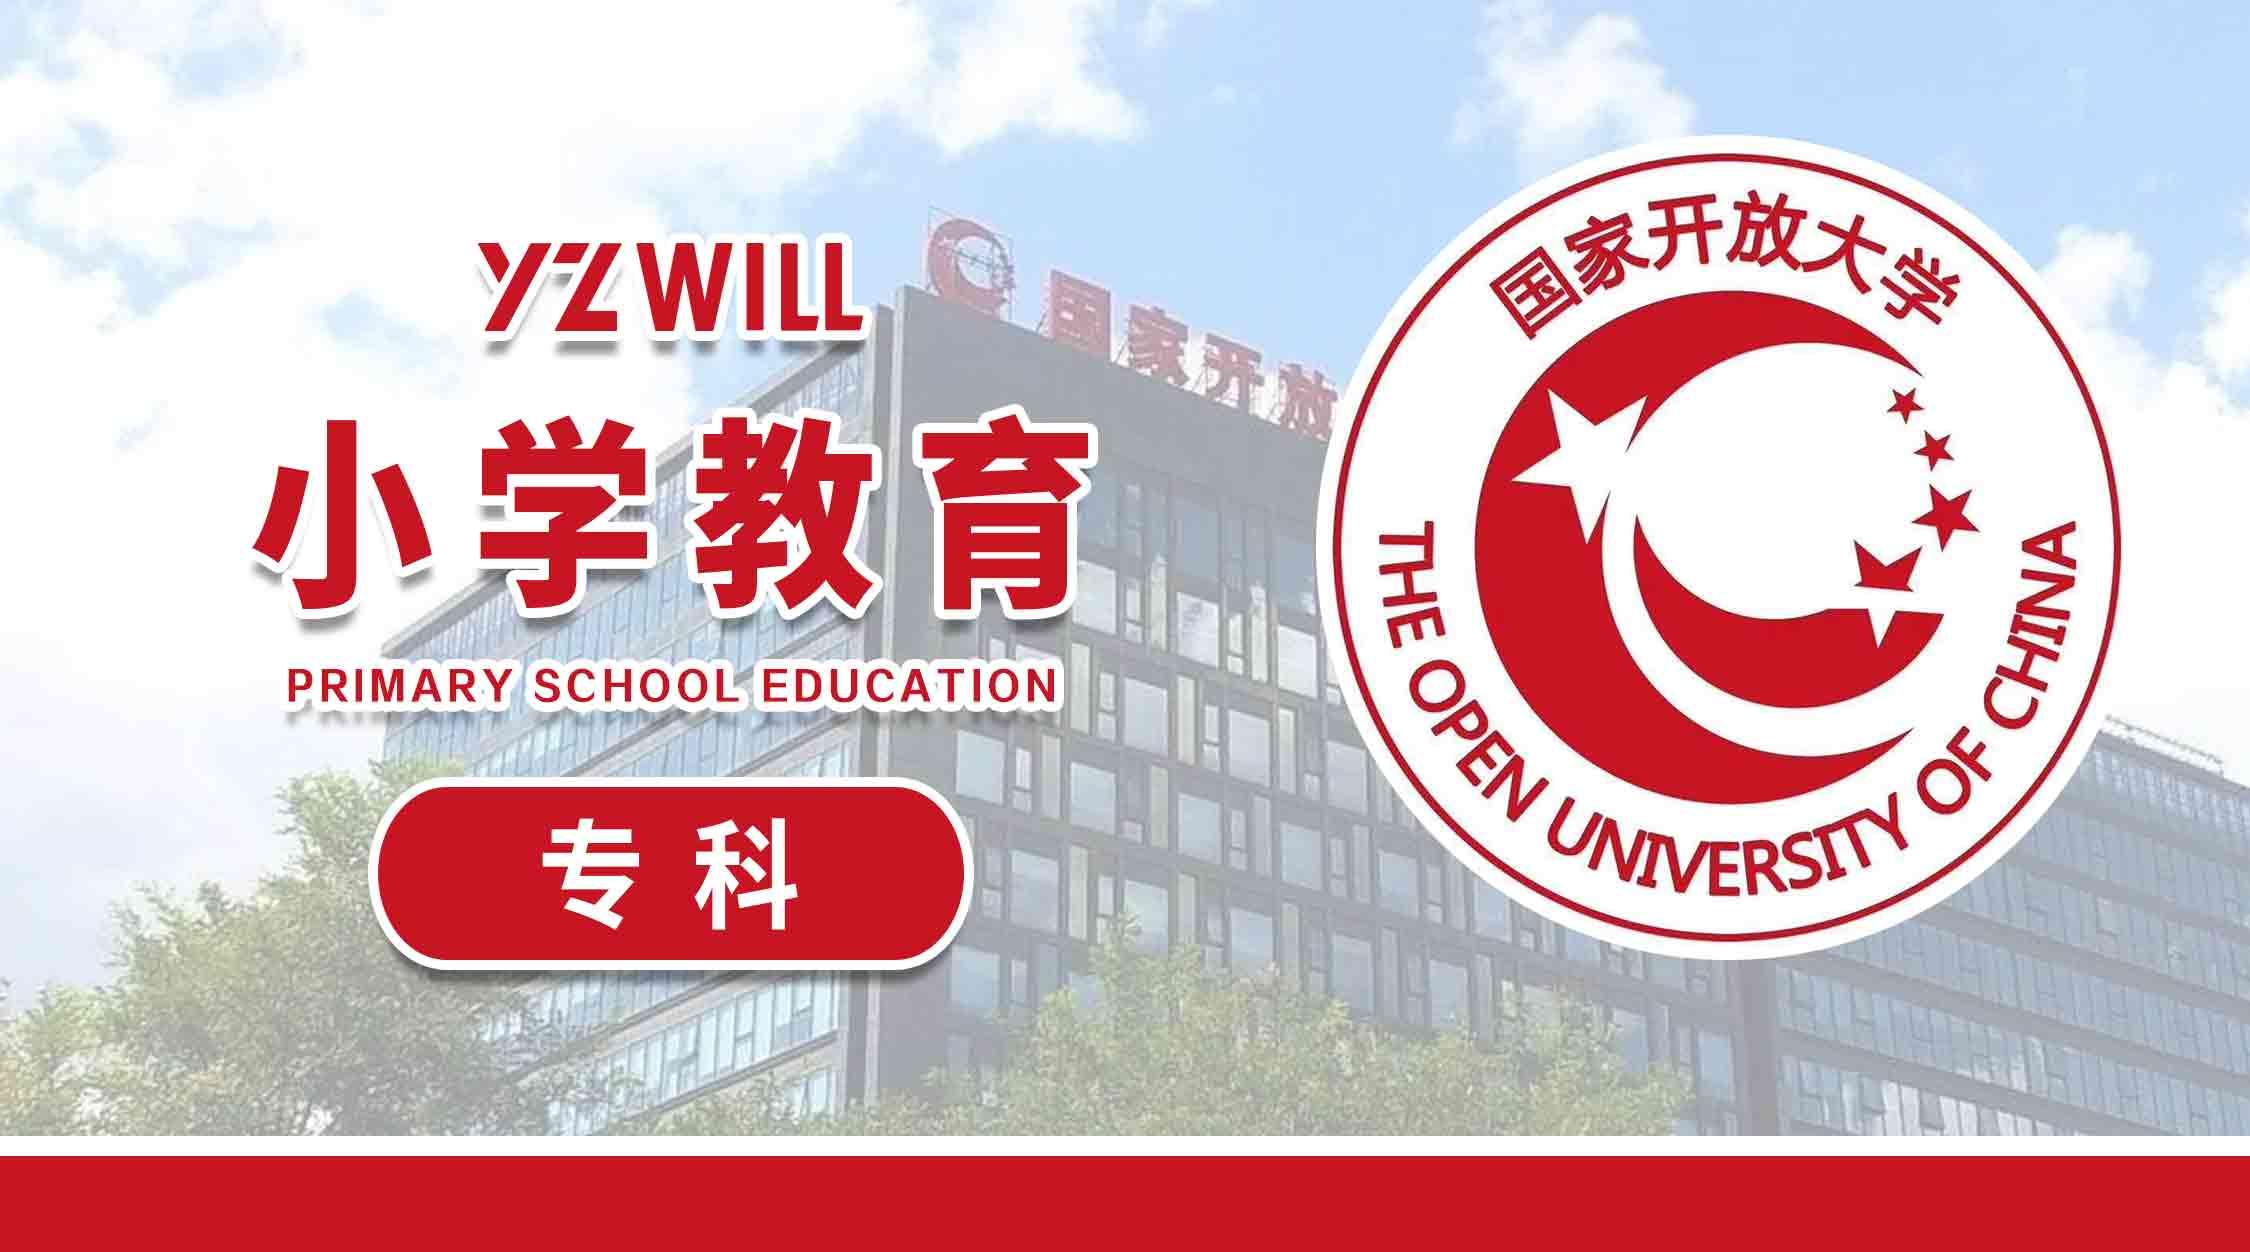 小学教育(专科202009)